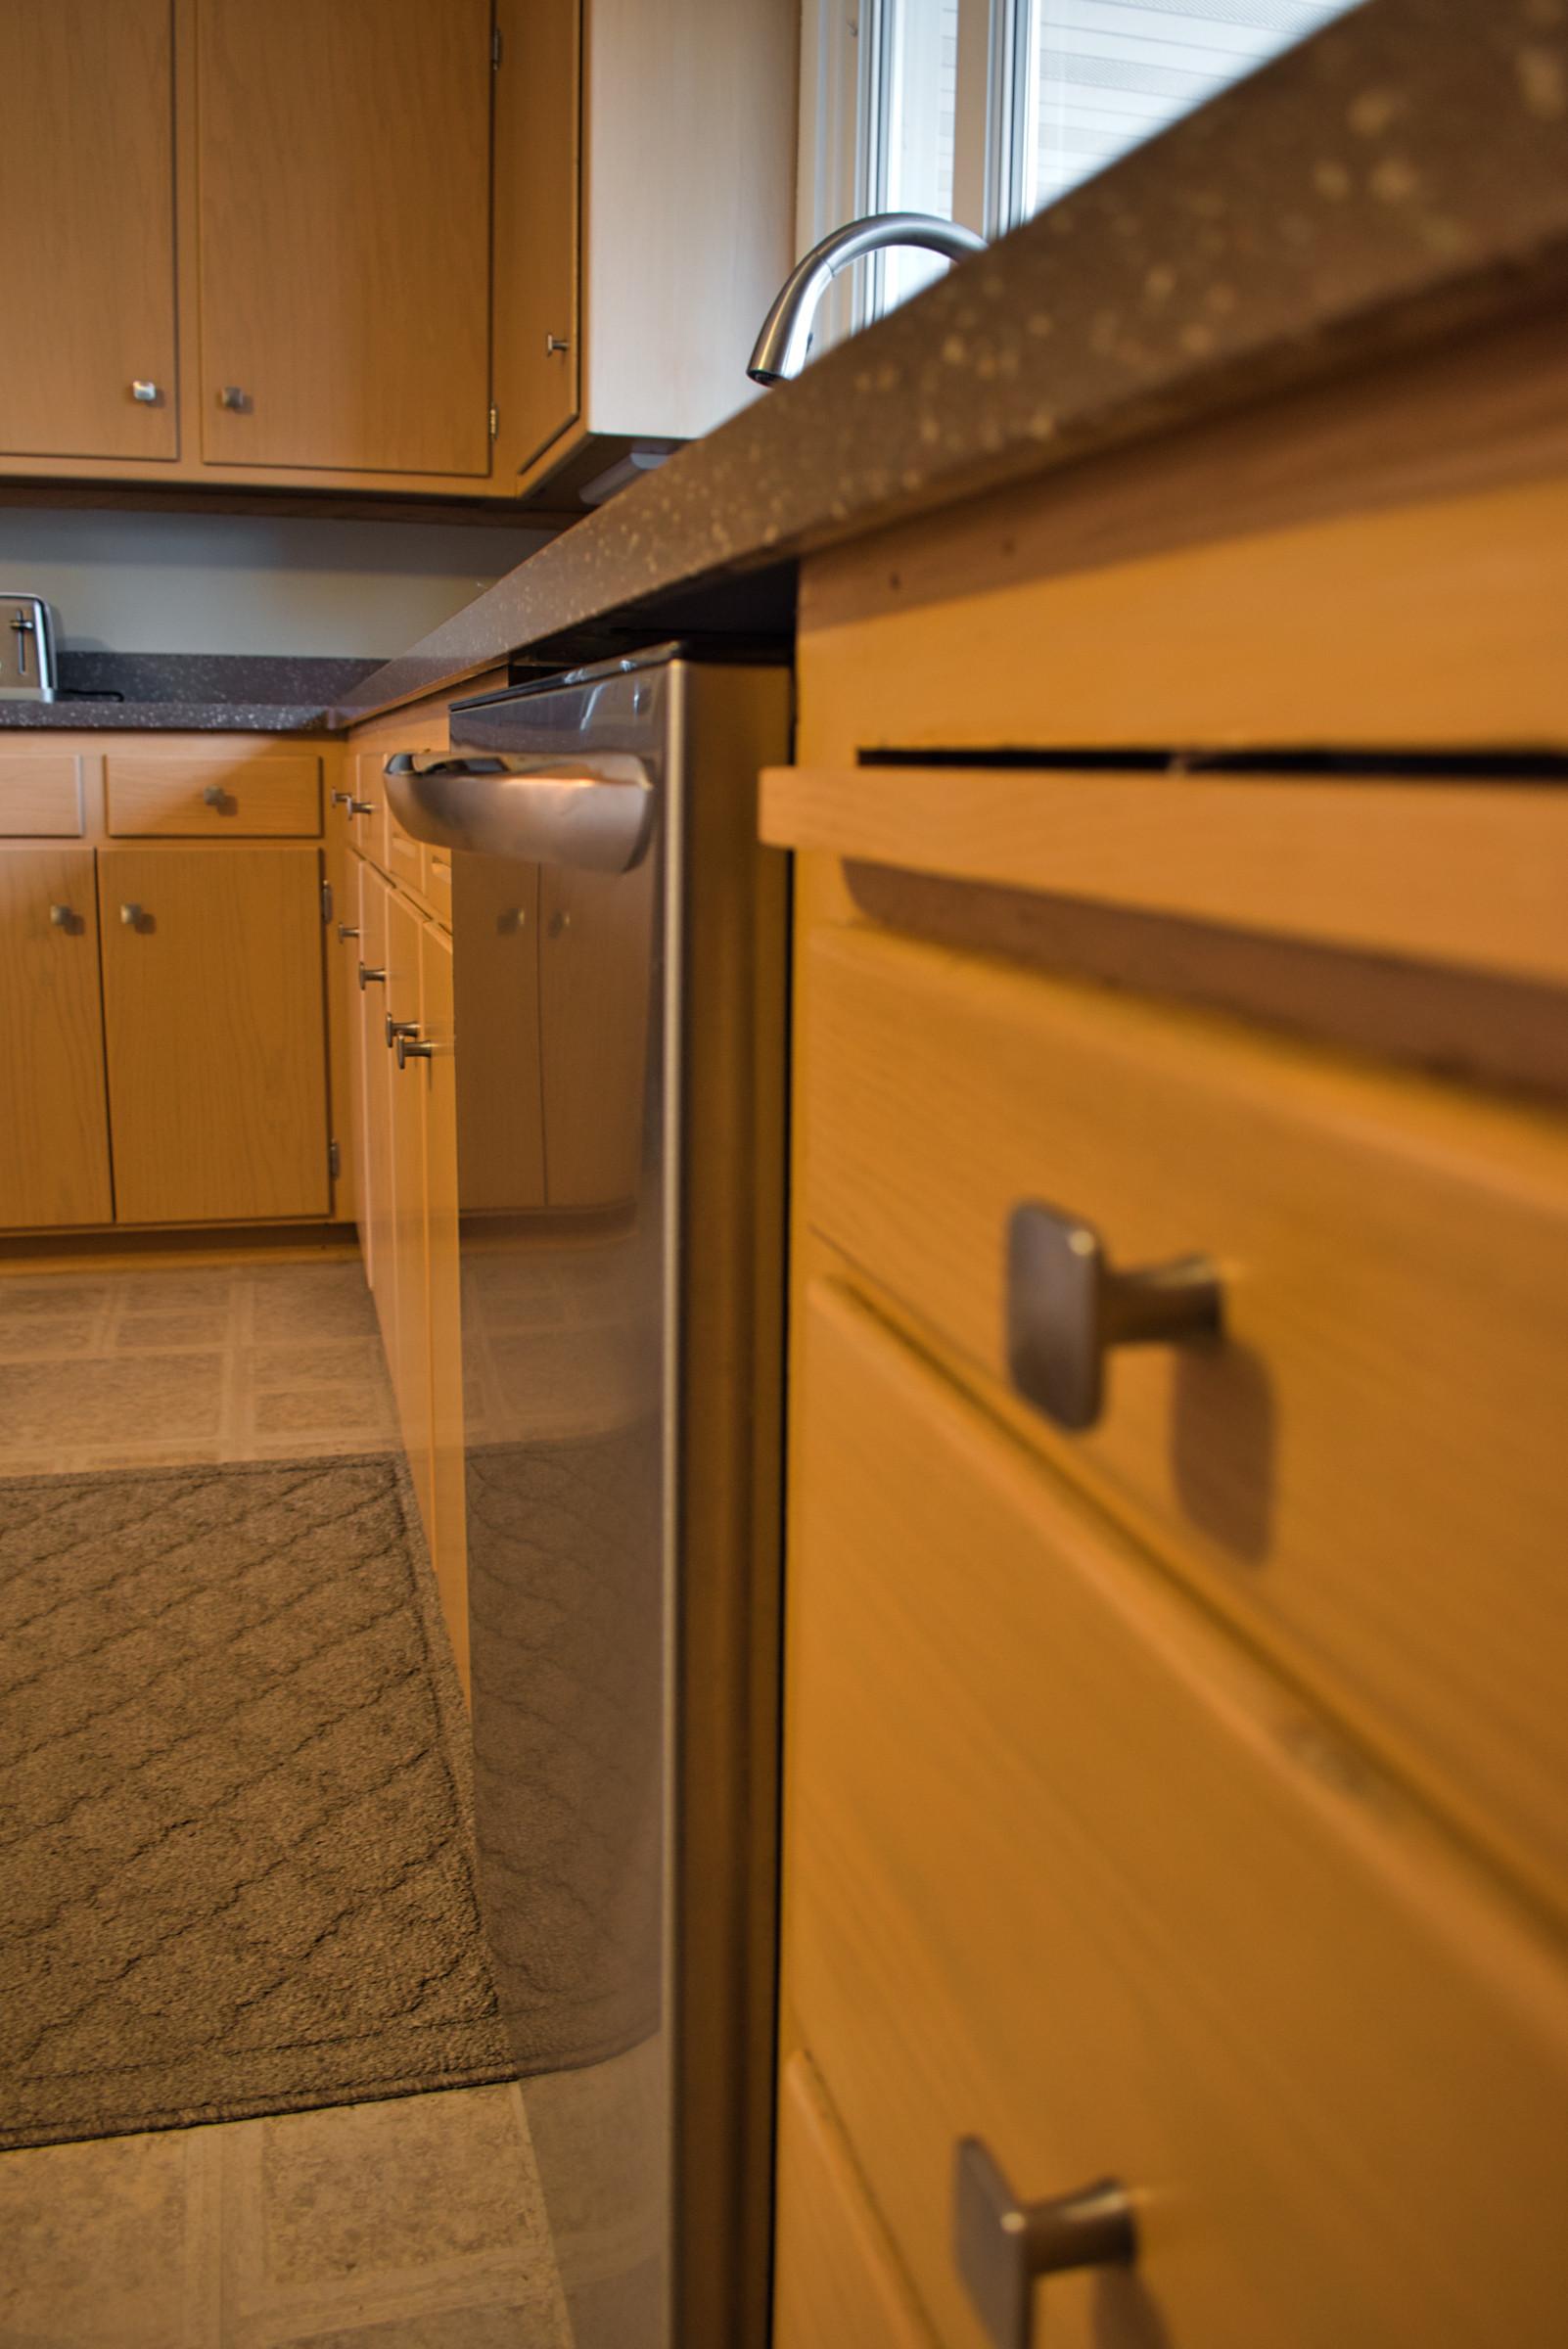 Queens Way Kitchen Remodel - Dishwasher